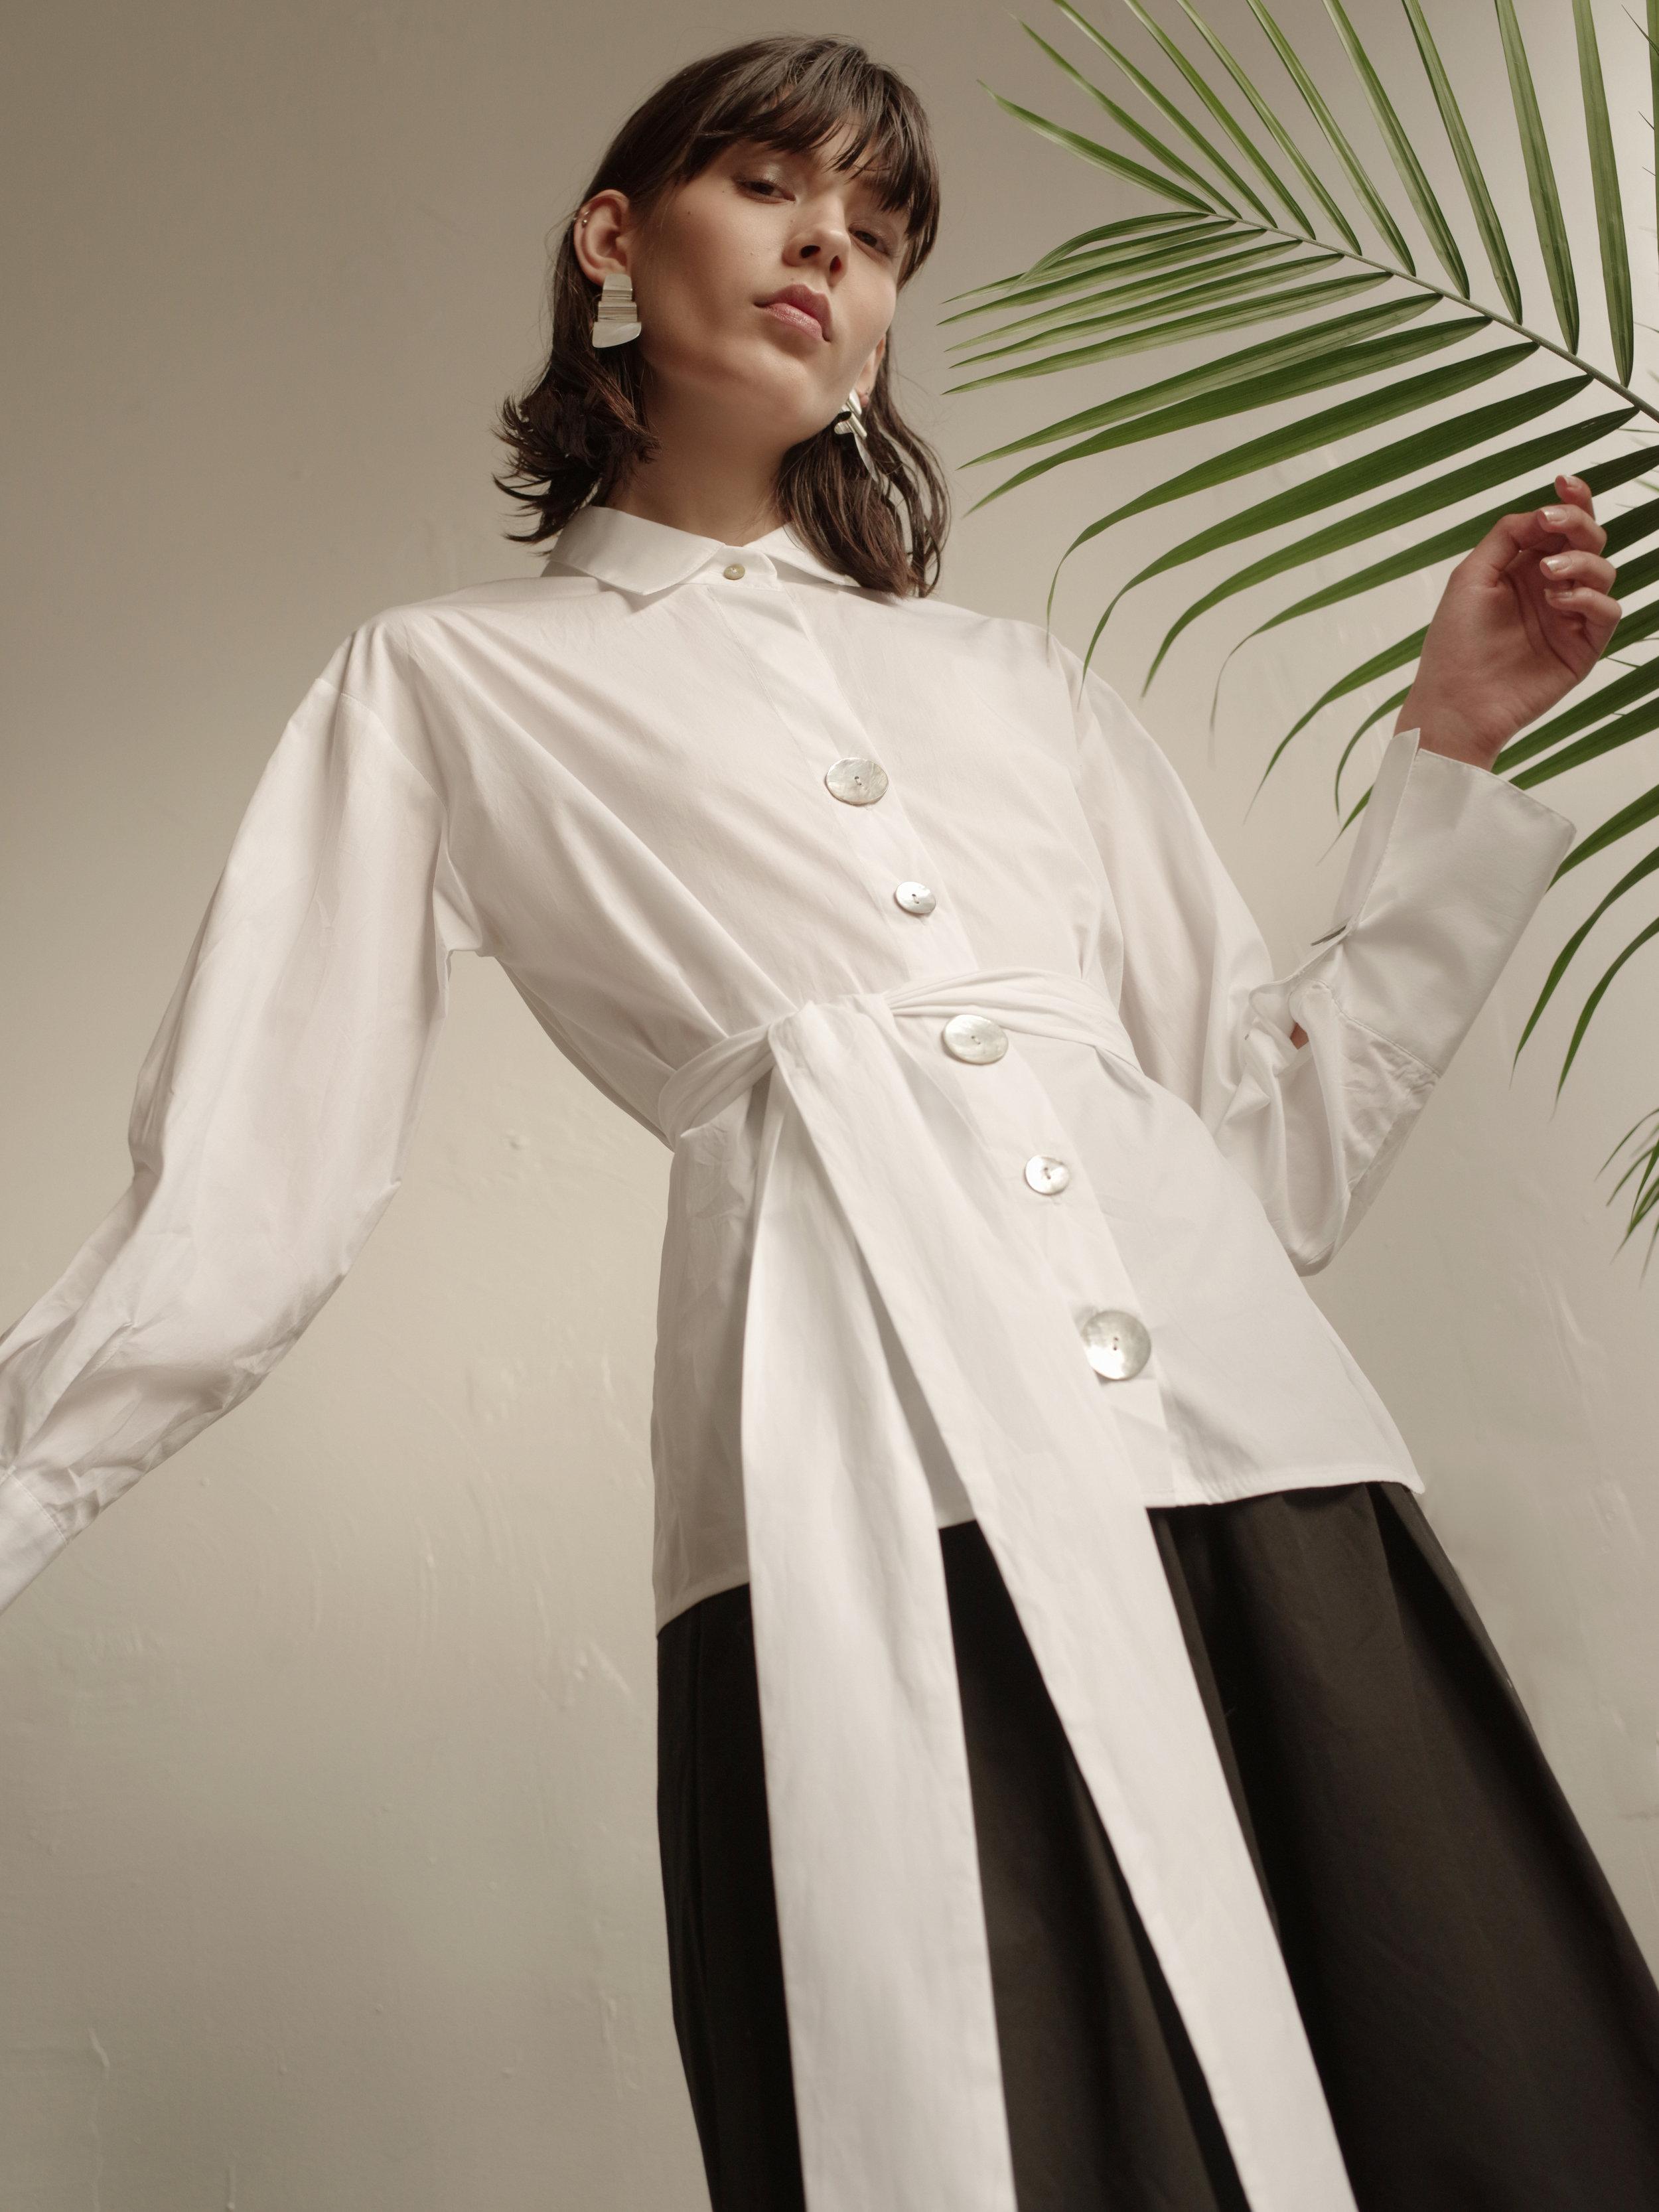 Clothing:  Style Mafia   Photography:  Ace Amir   Styling:  Jahulie Elizalde   Model:  Ewa Wladymiruk   Makeup:  Slater Stanley